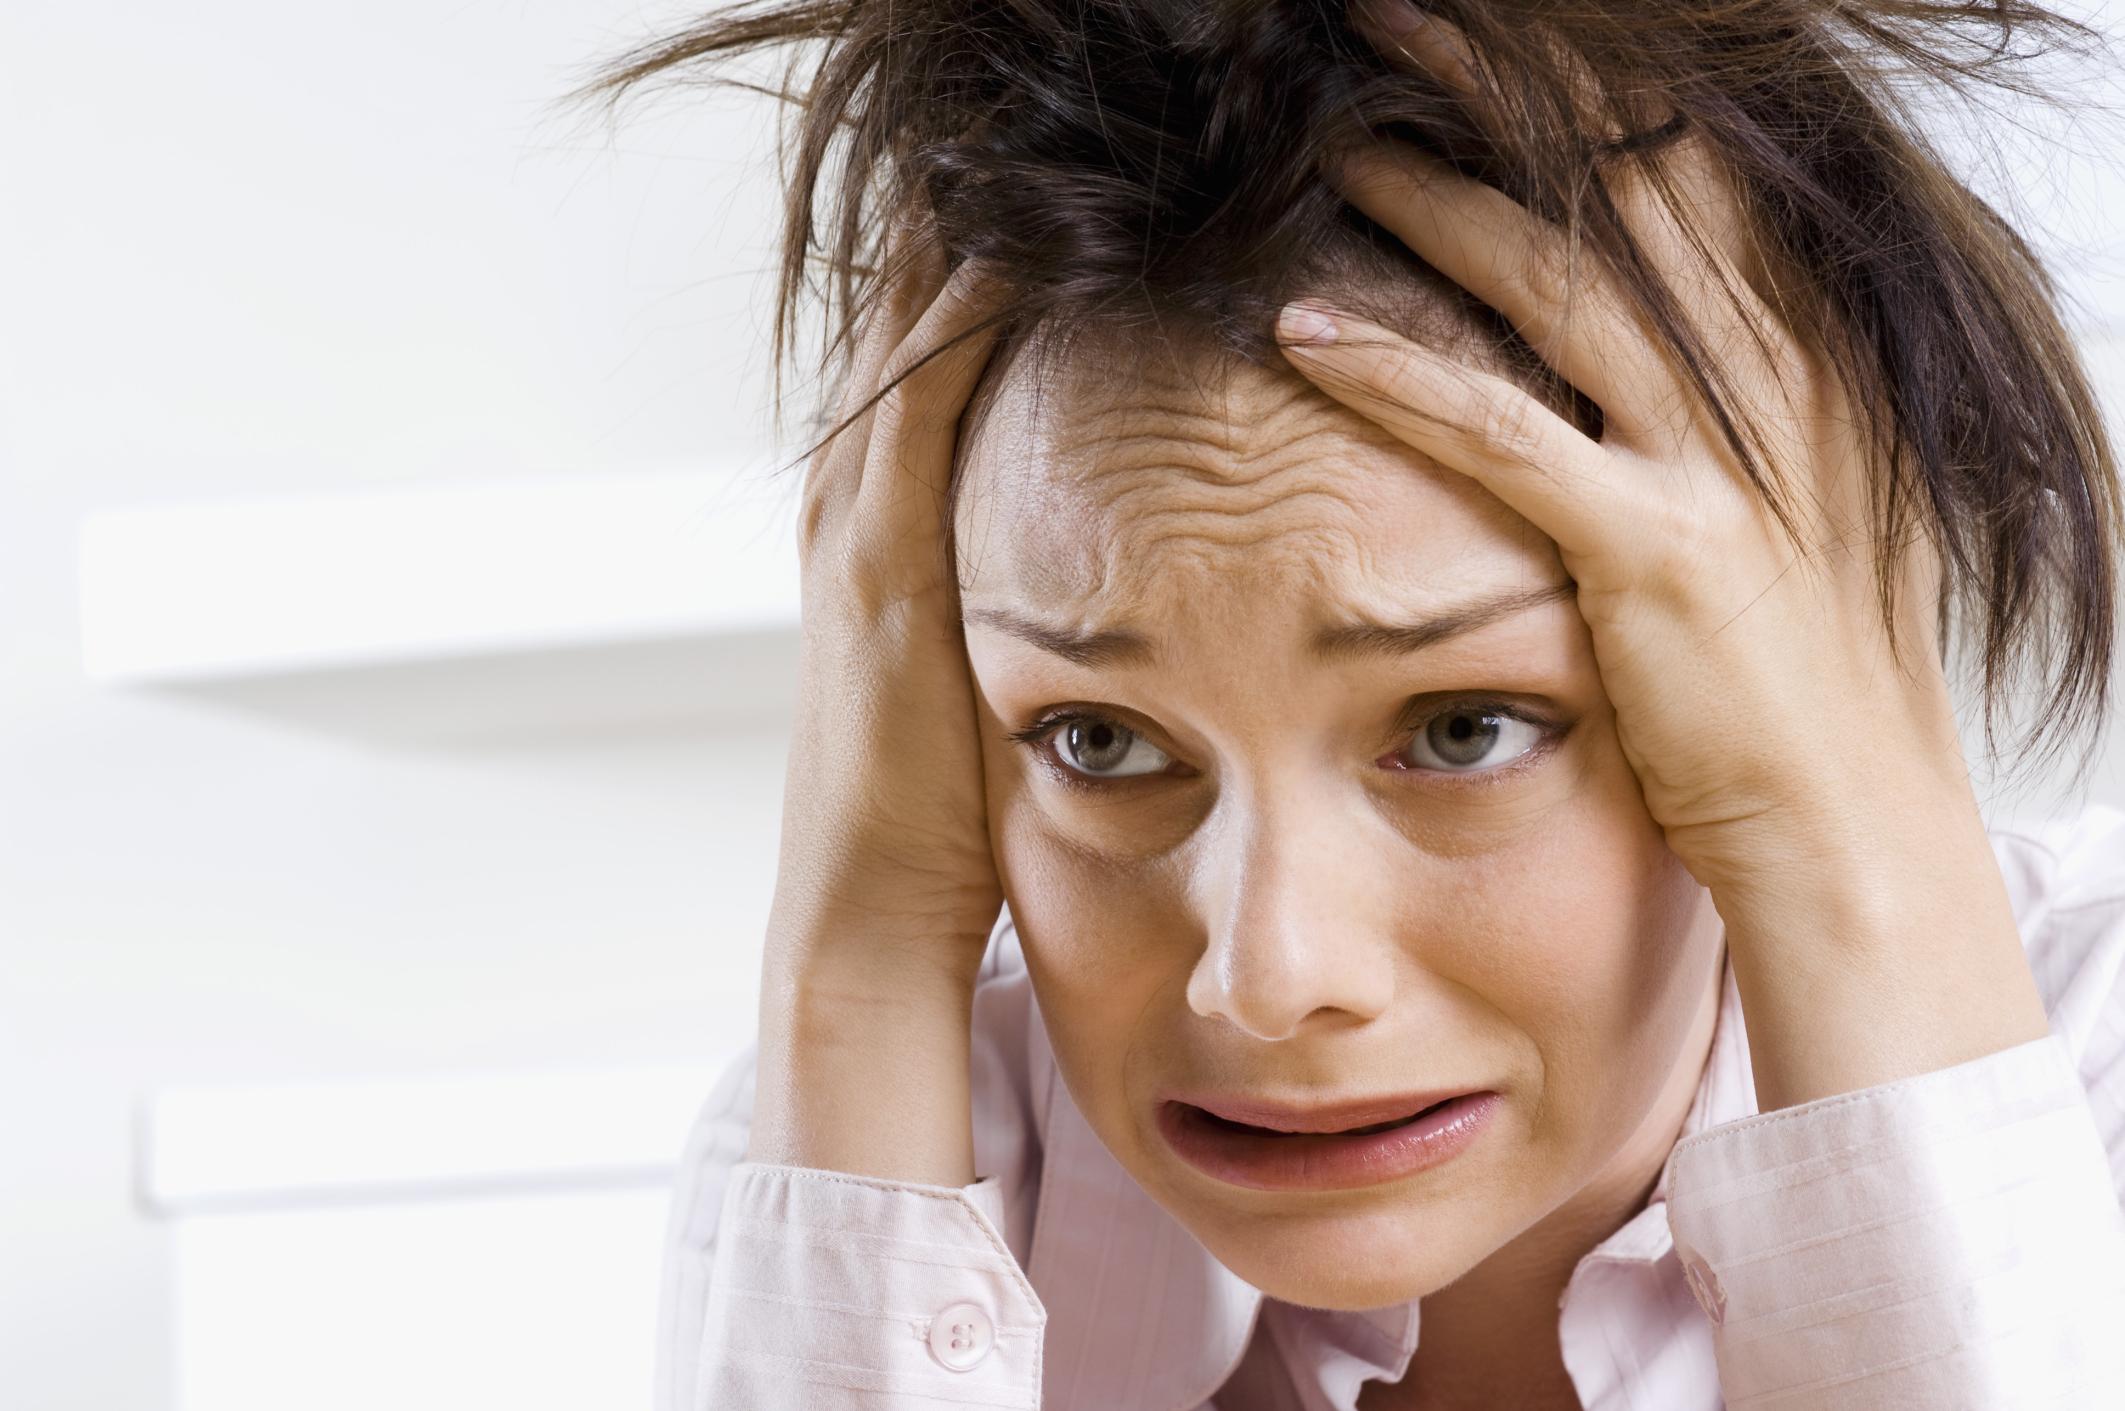 Невротическая депрессия – симптоматика, причины, лечебный процесс